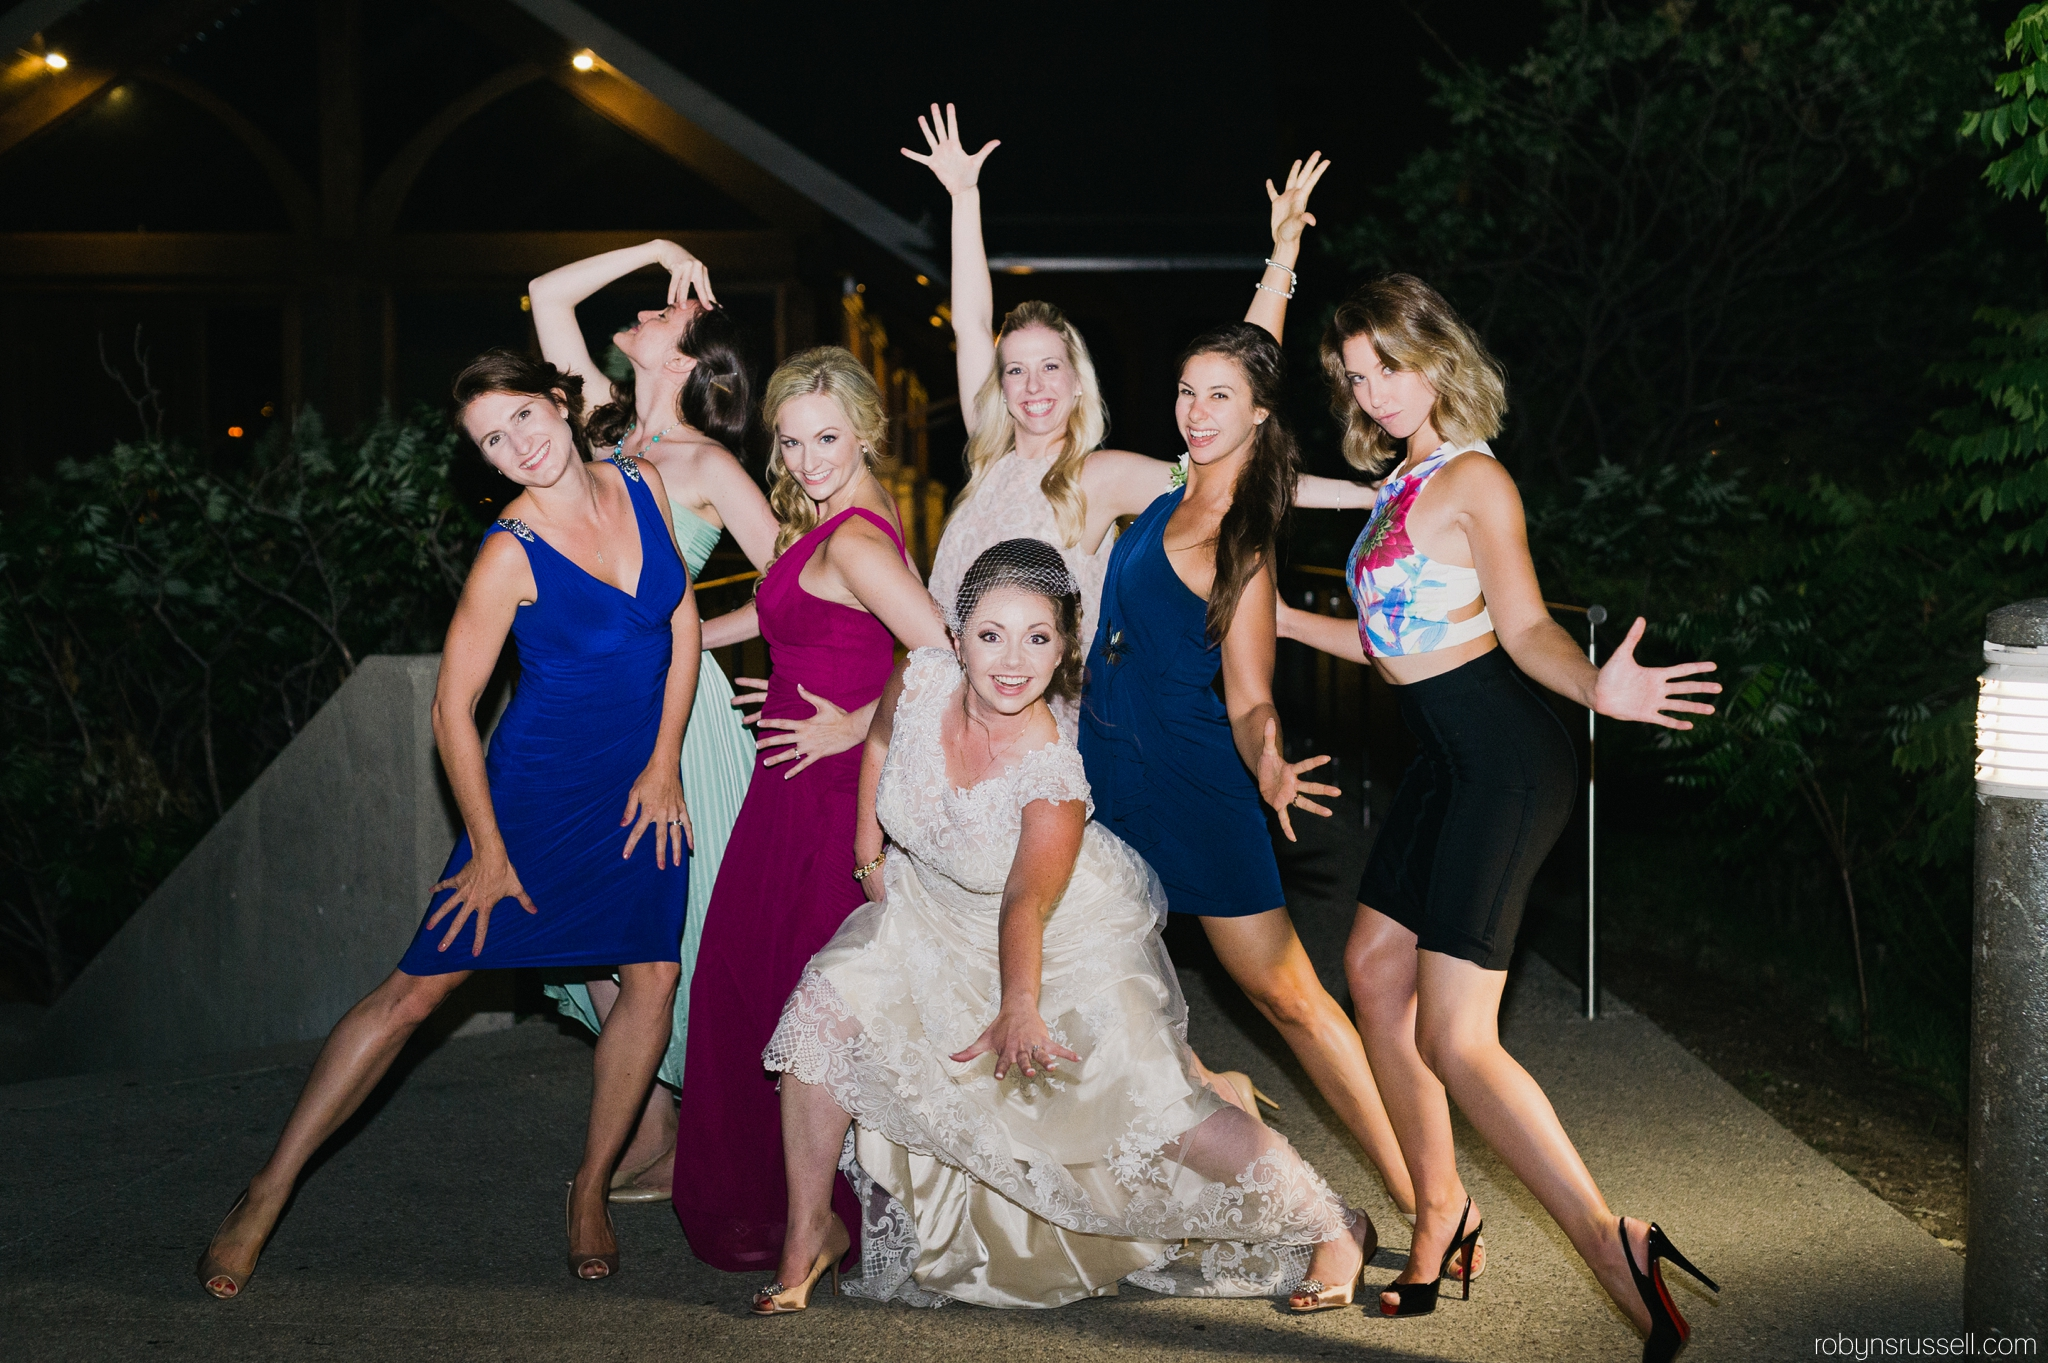 67-bride-and-ryerson-friends.jpg